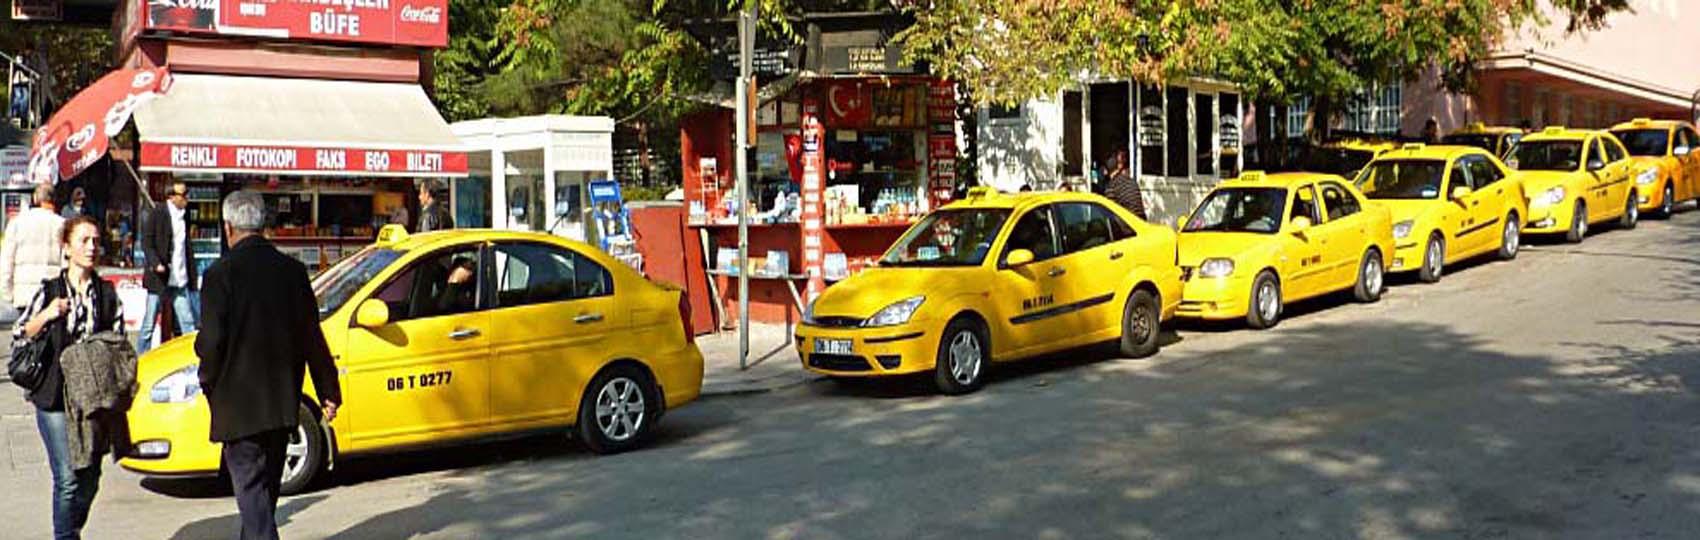 Noticias del sector del taxi y la movilidad en Turquía. Mantente informado de todas las noticias del taxi de Turquía en el grupo de Facebook de Todo Taxi.